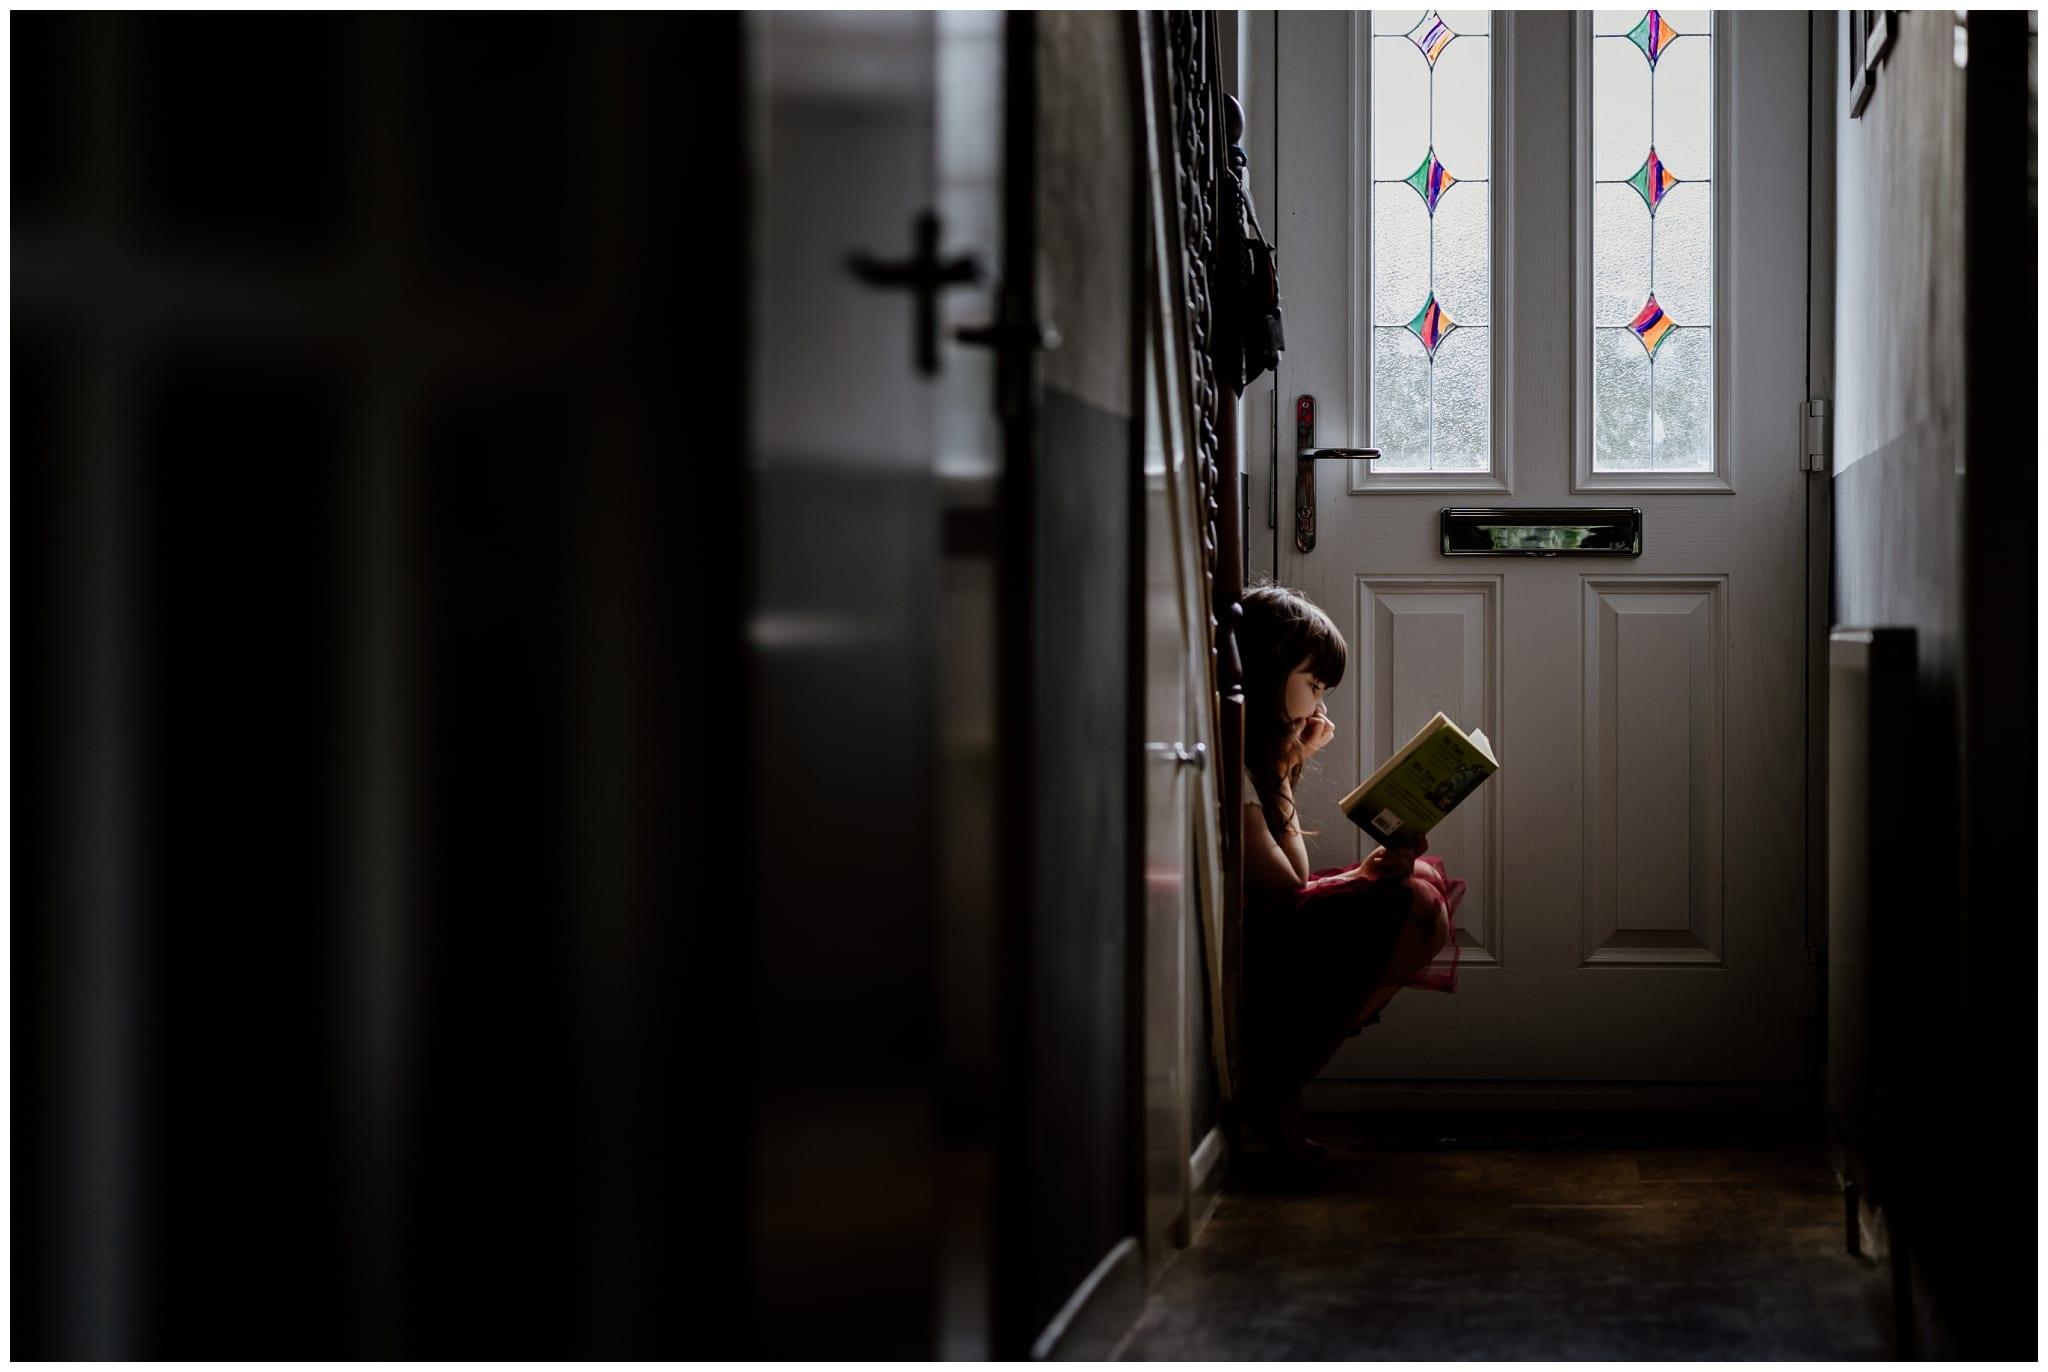 Greta reading a book